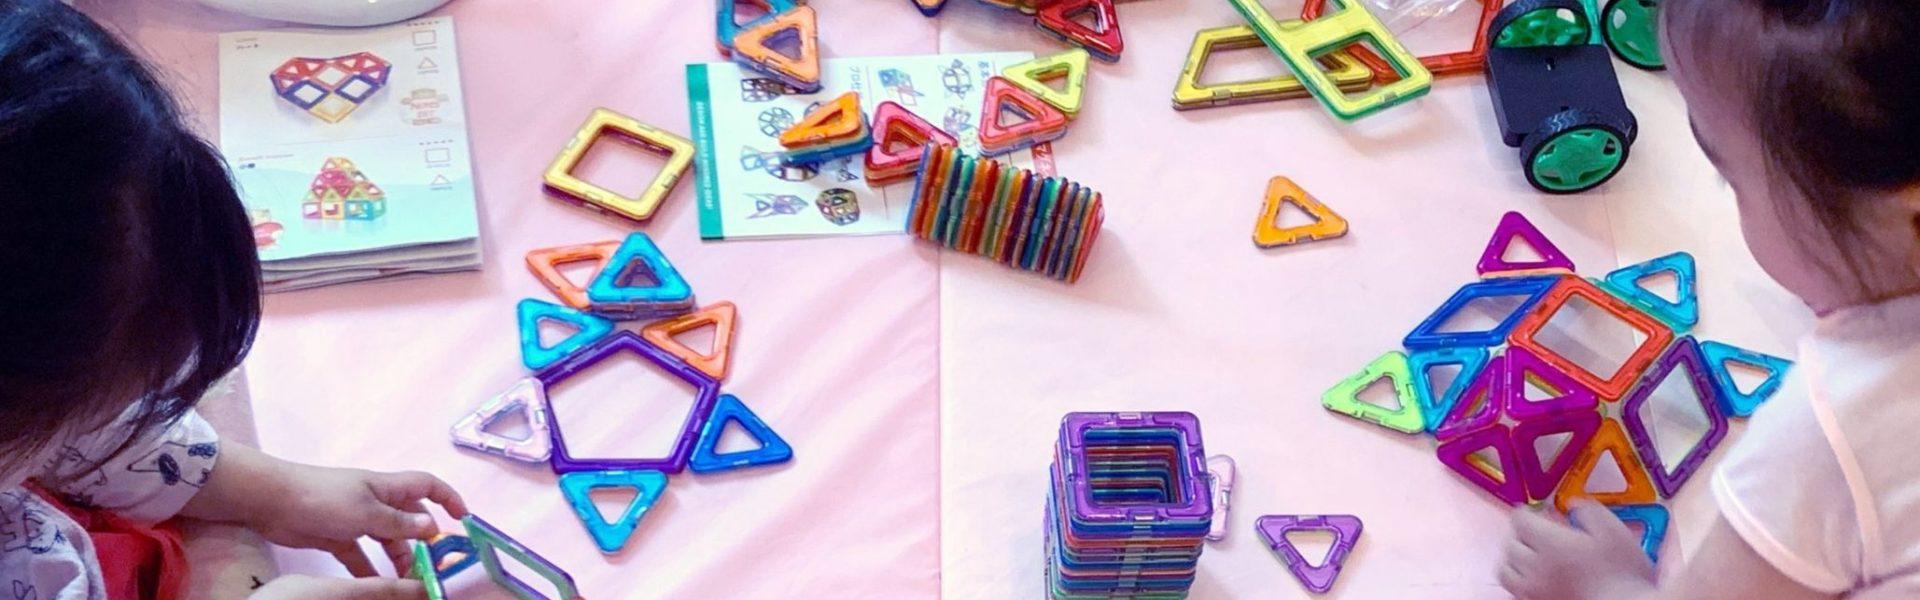 【双子4歳‐知育おもちゃ】マグネットブロック‐亀、犬、お城、車、星などいろいろ作れて図形の勉強にも!幼児向け磁石ブロック